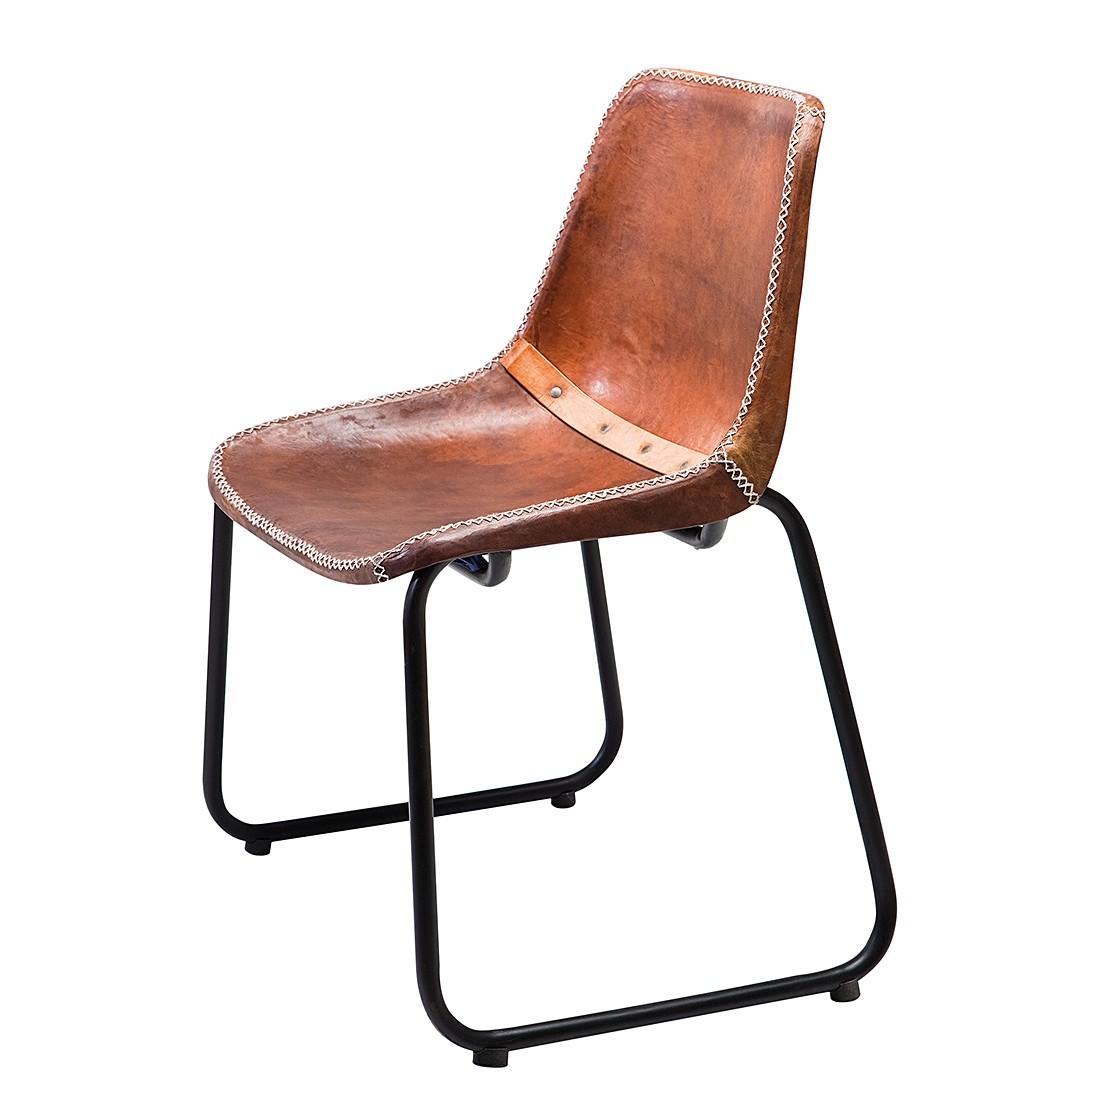 Stoel Vintage Bruin Echt Leer Kare Design Aanbieding Kopen